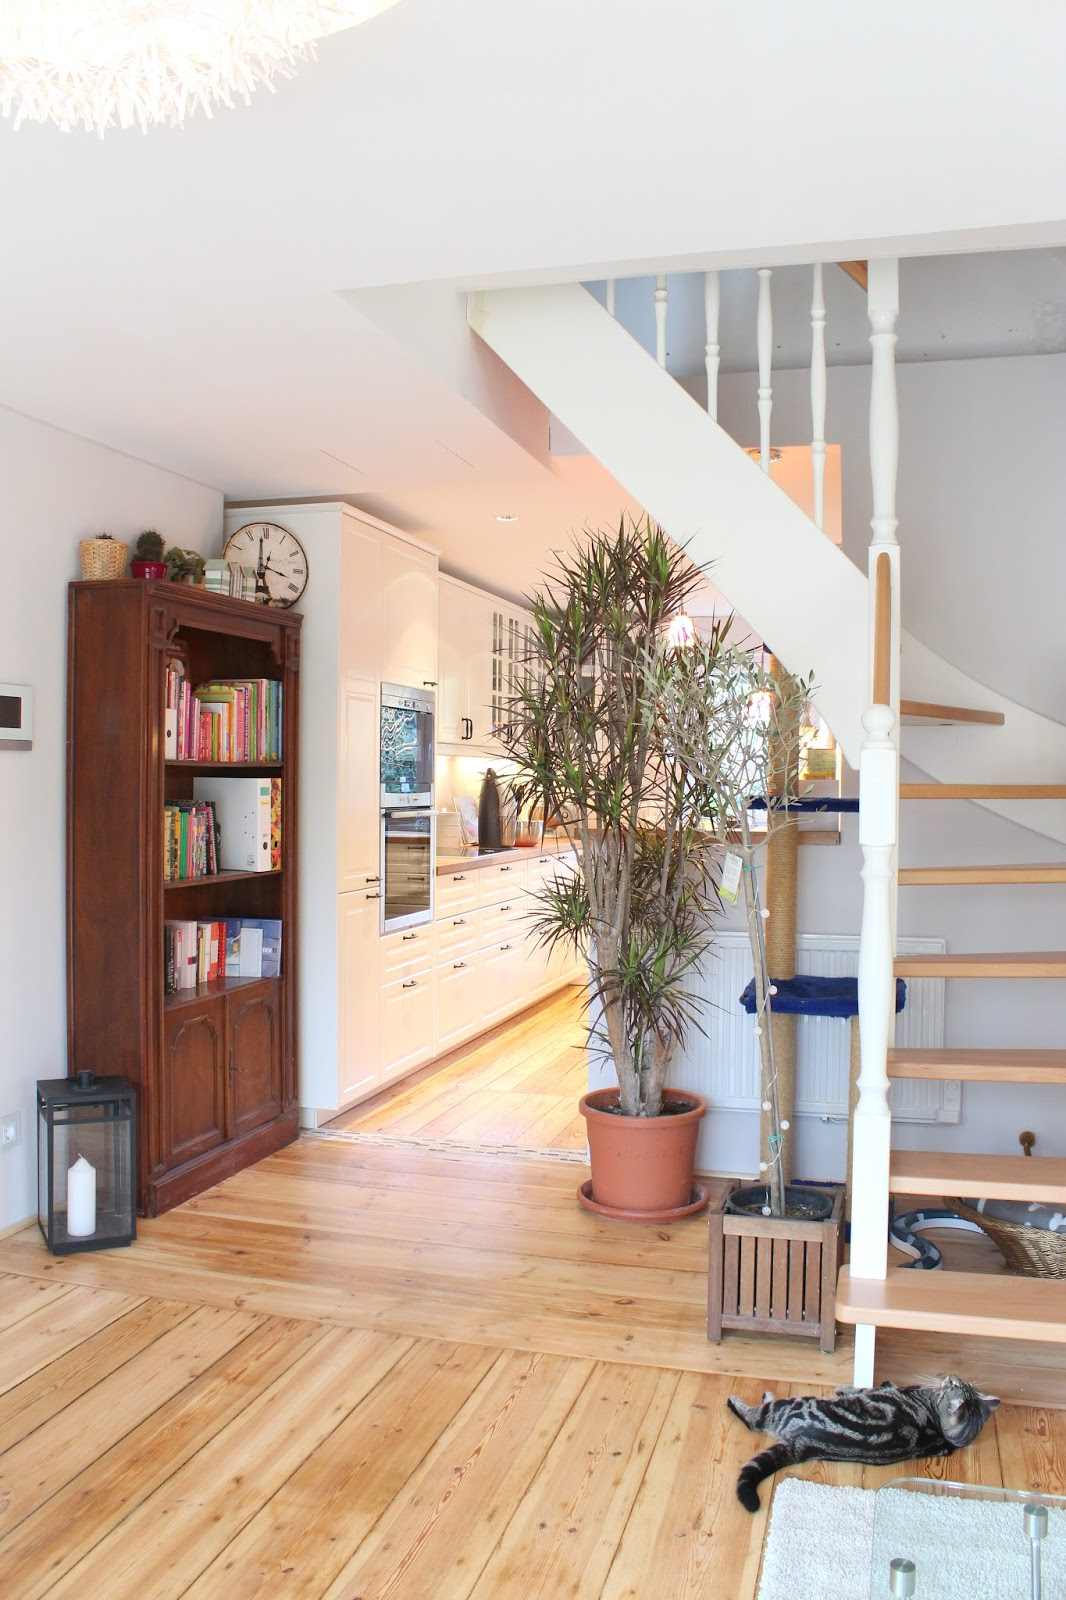 küche und wohnzimmer oben